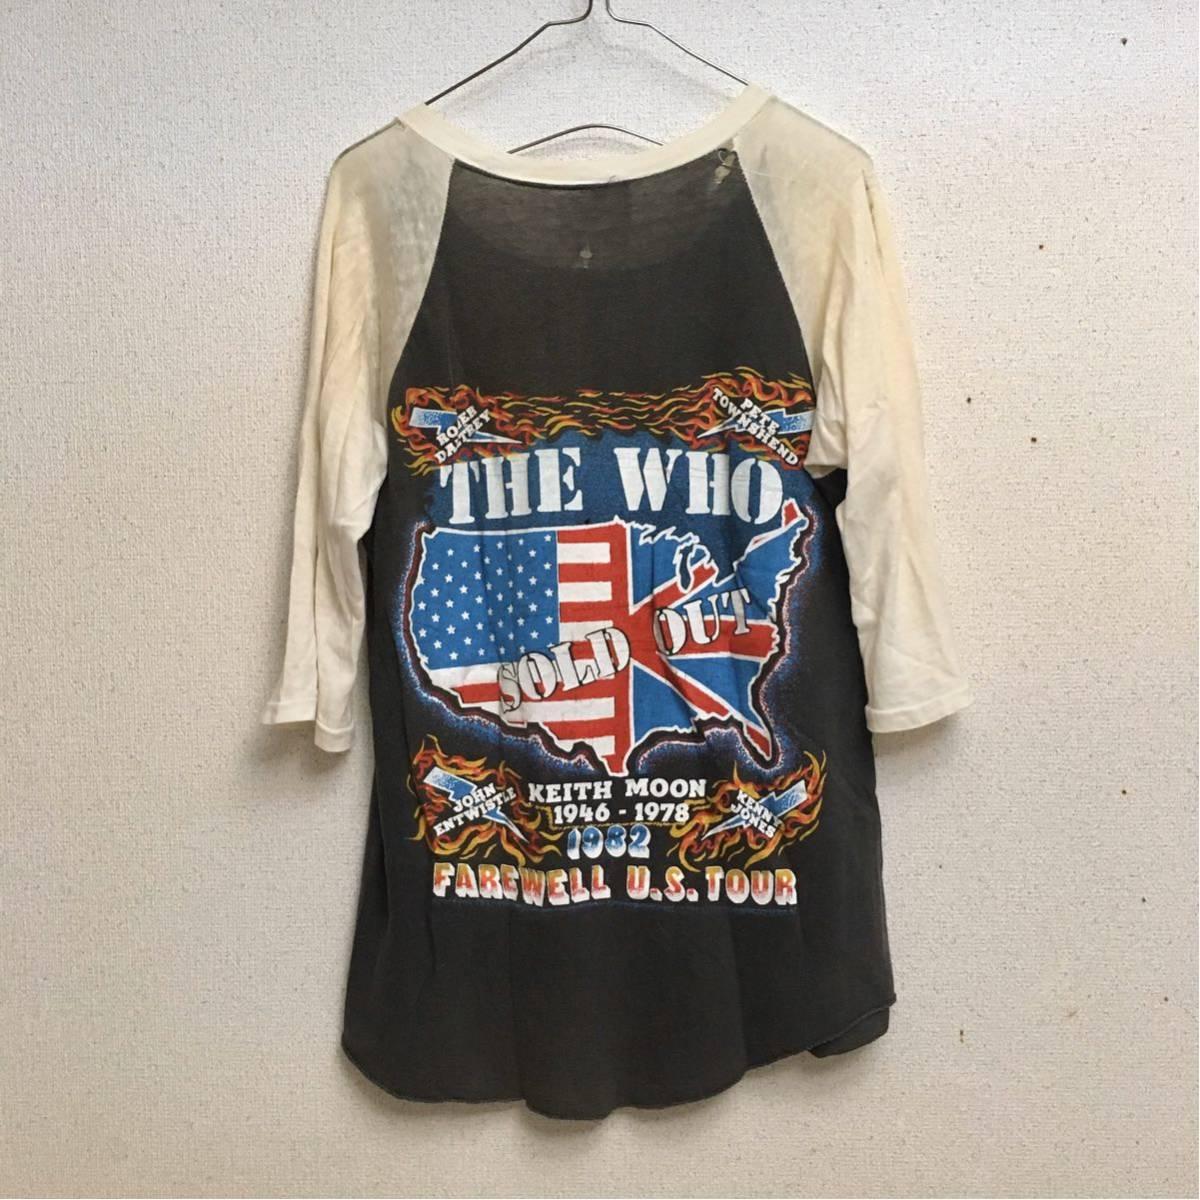 ビンテージ 80s ザフー Farewell US Tour ラグラン Tシャツ パキ綿 ロック バンド vintage the who beatles rolling stones nirvana_画像2